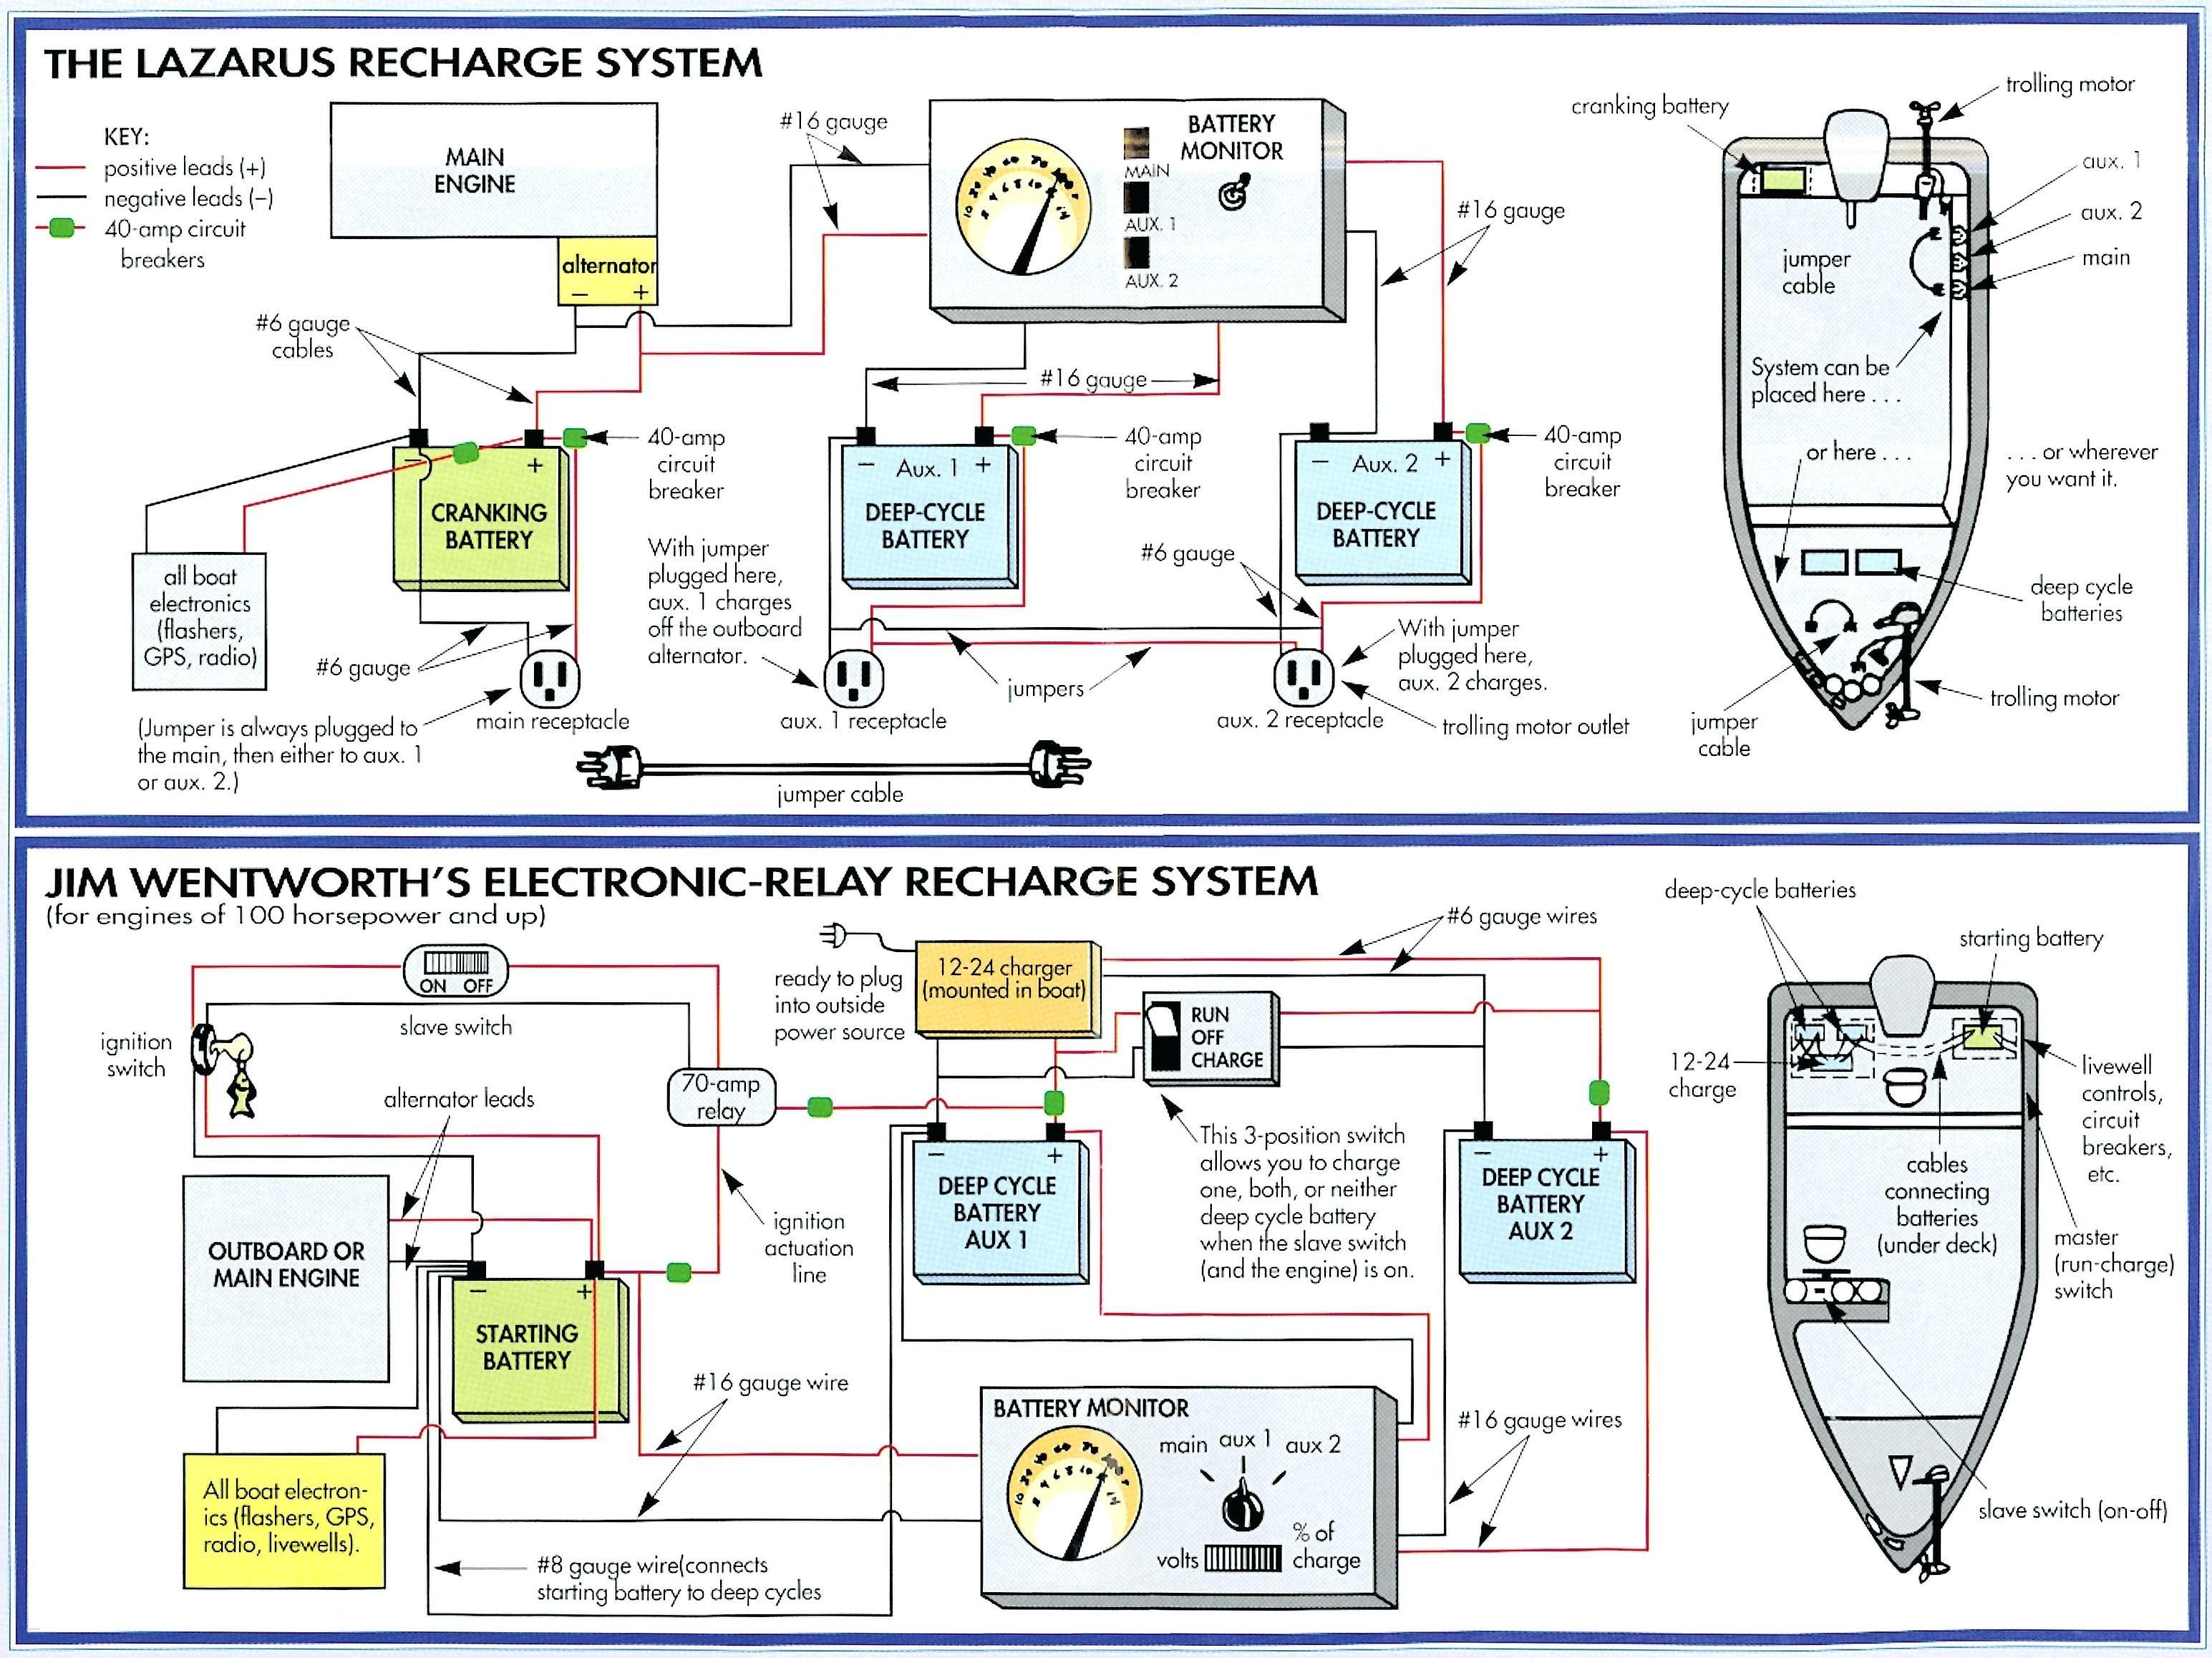 g3 wiring diagram wiring diagram work kawasaki g3 wiring diagram g3 wiring diagram #2